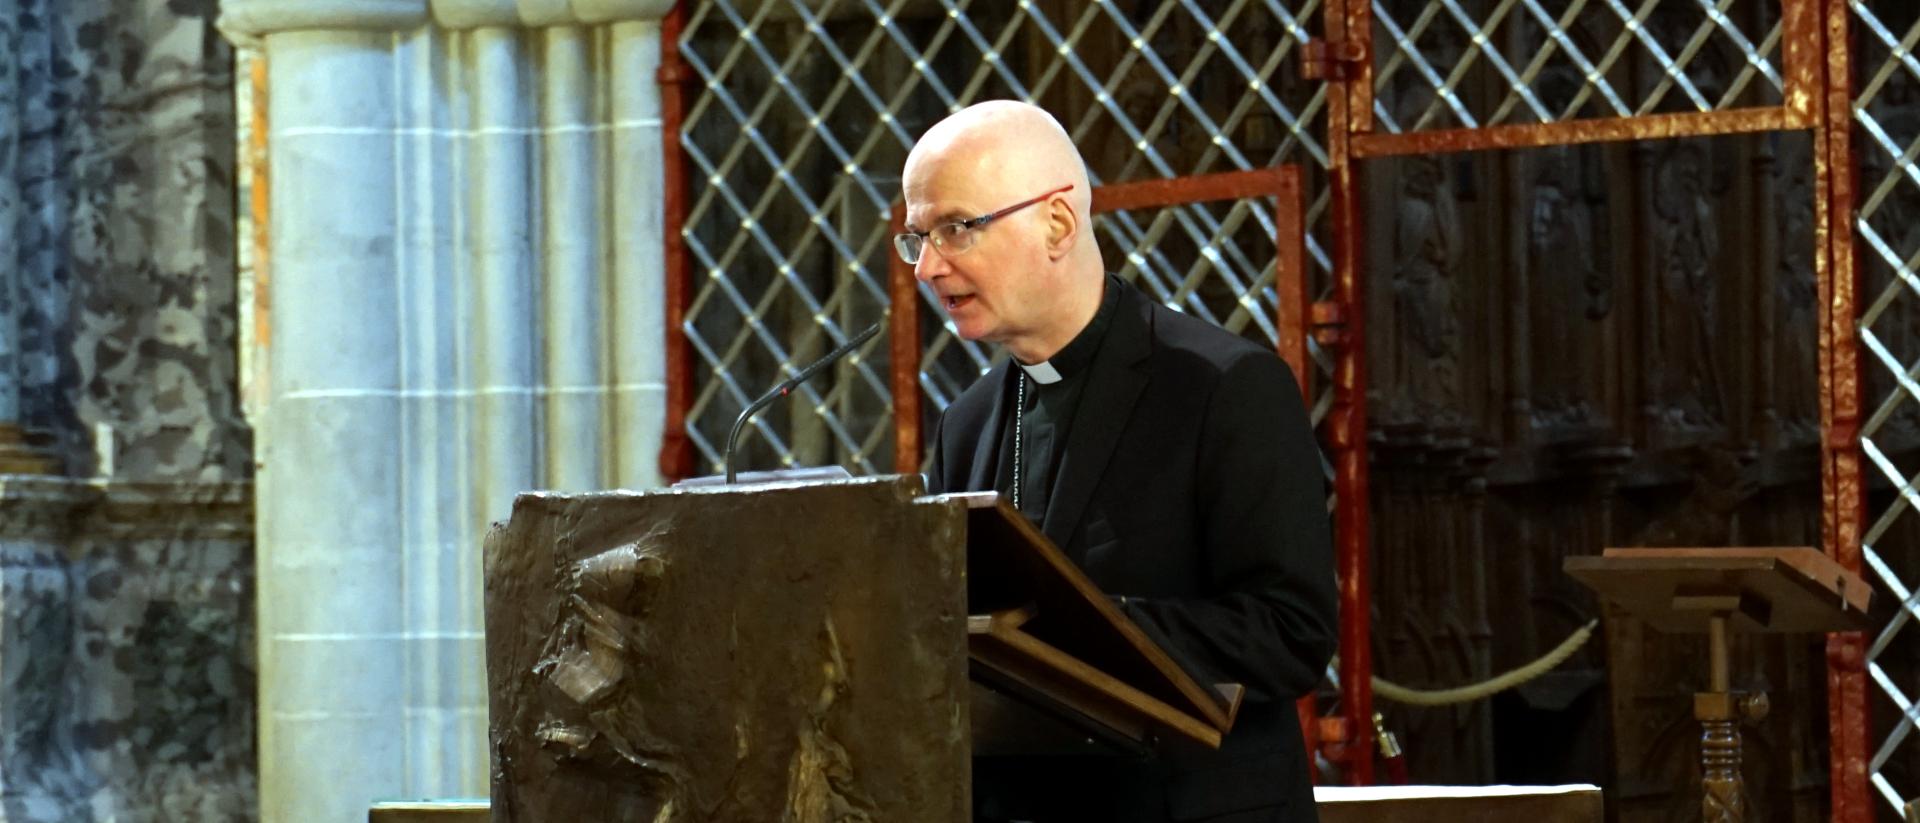 Bischof Charles Morerod